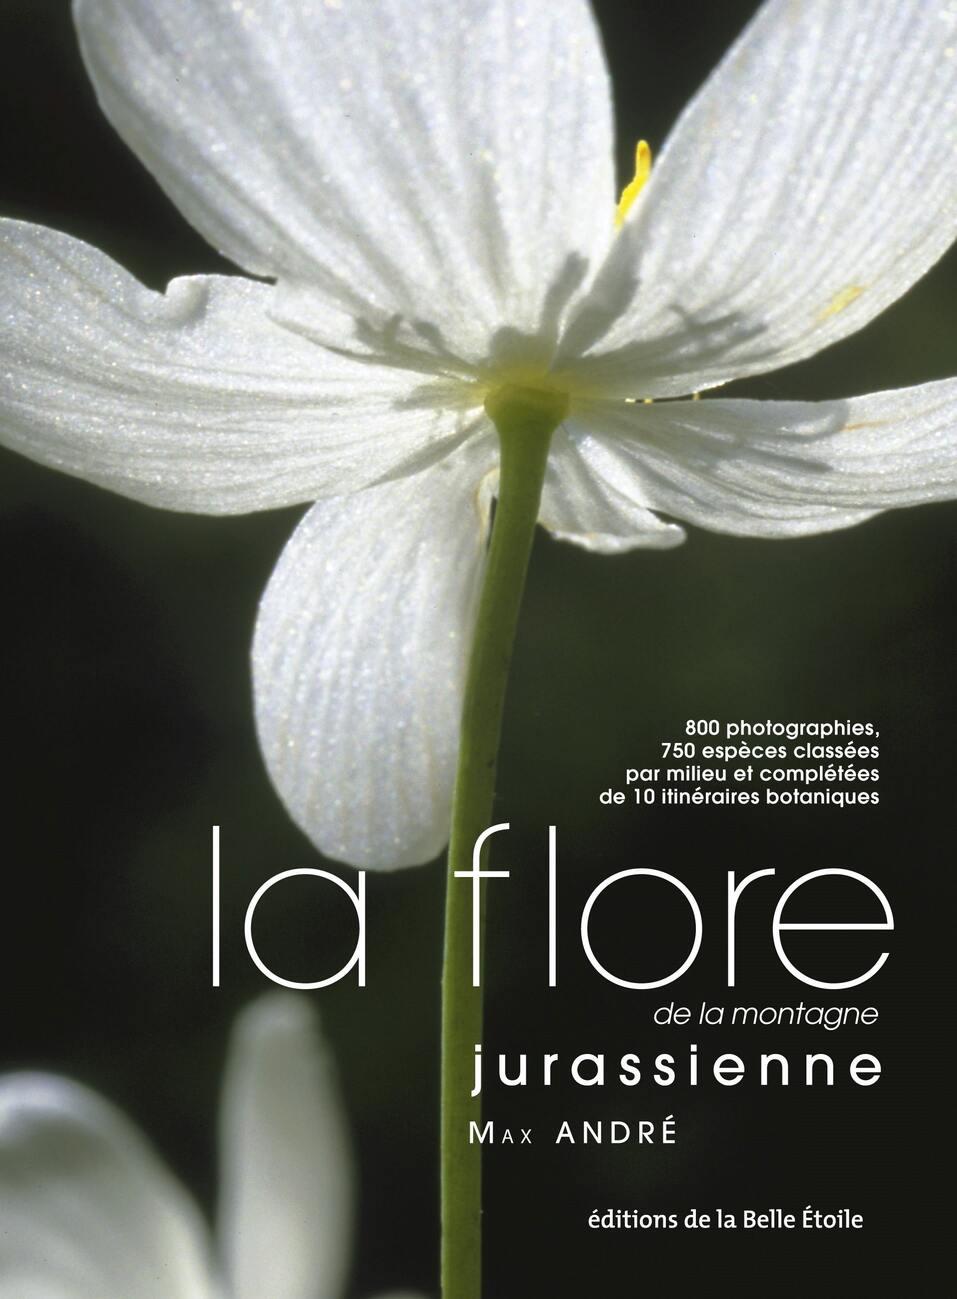 La flore de la montagne jurassienne